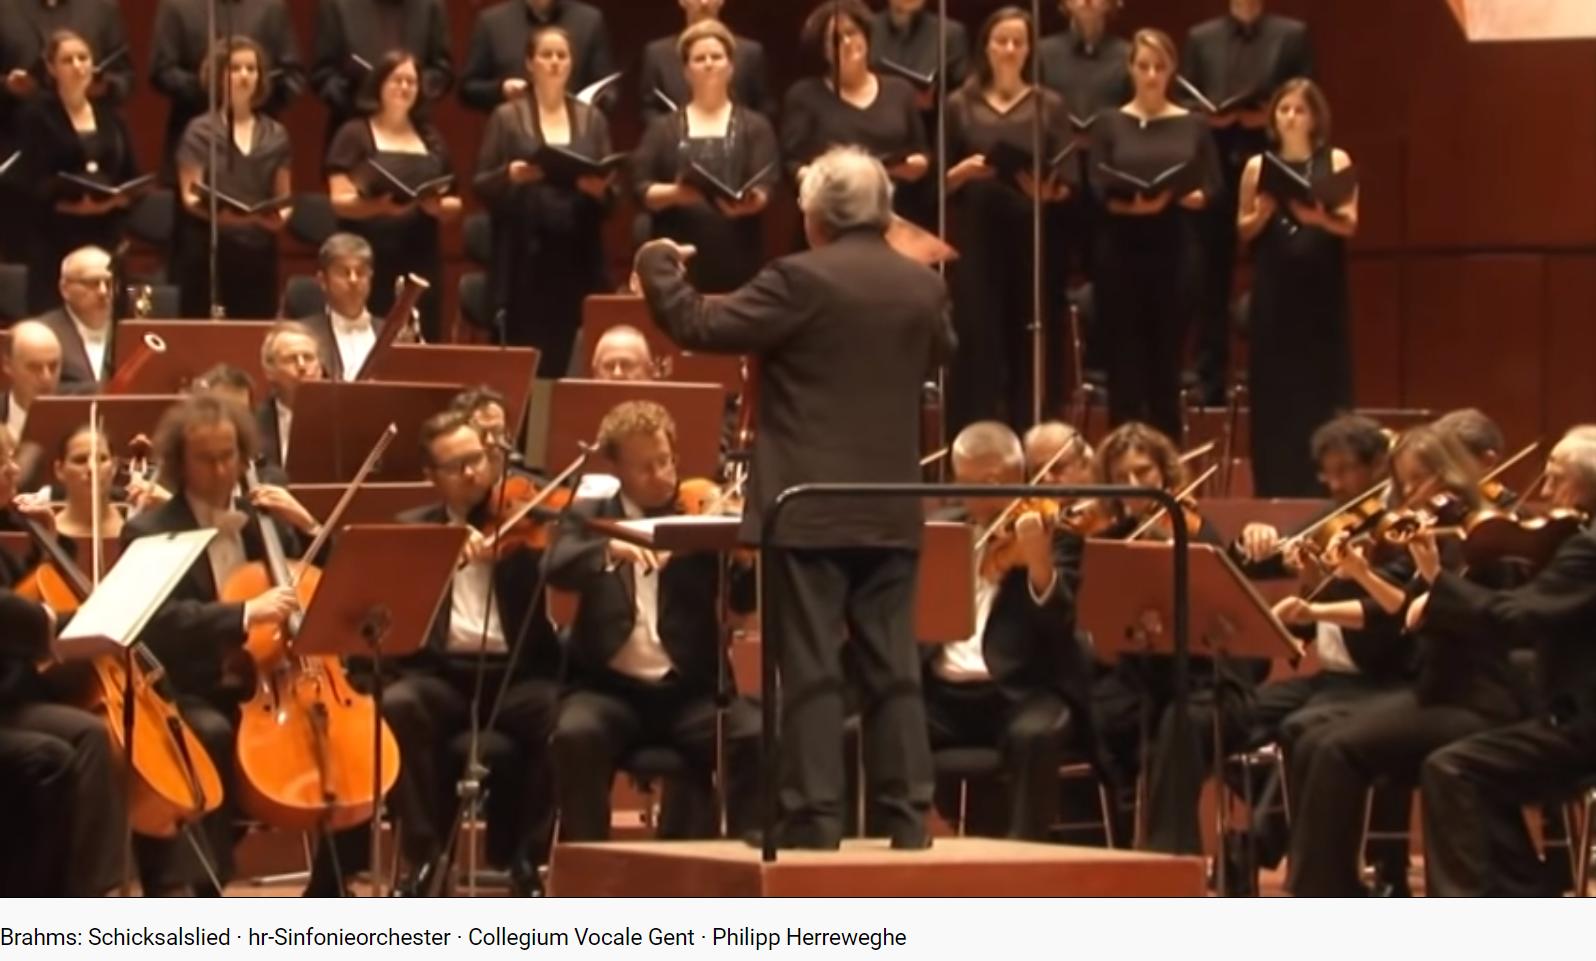 Brahms Schicksallied